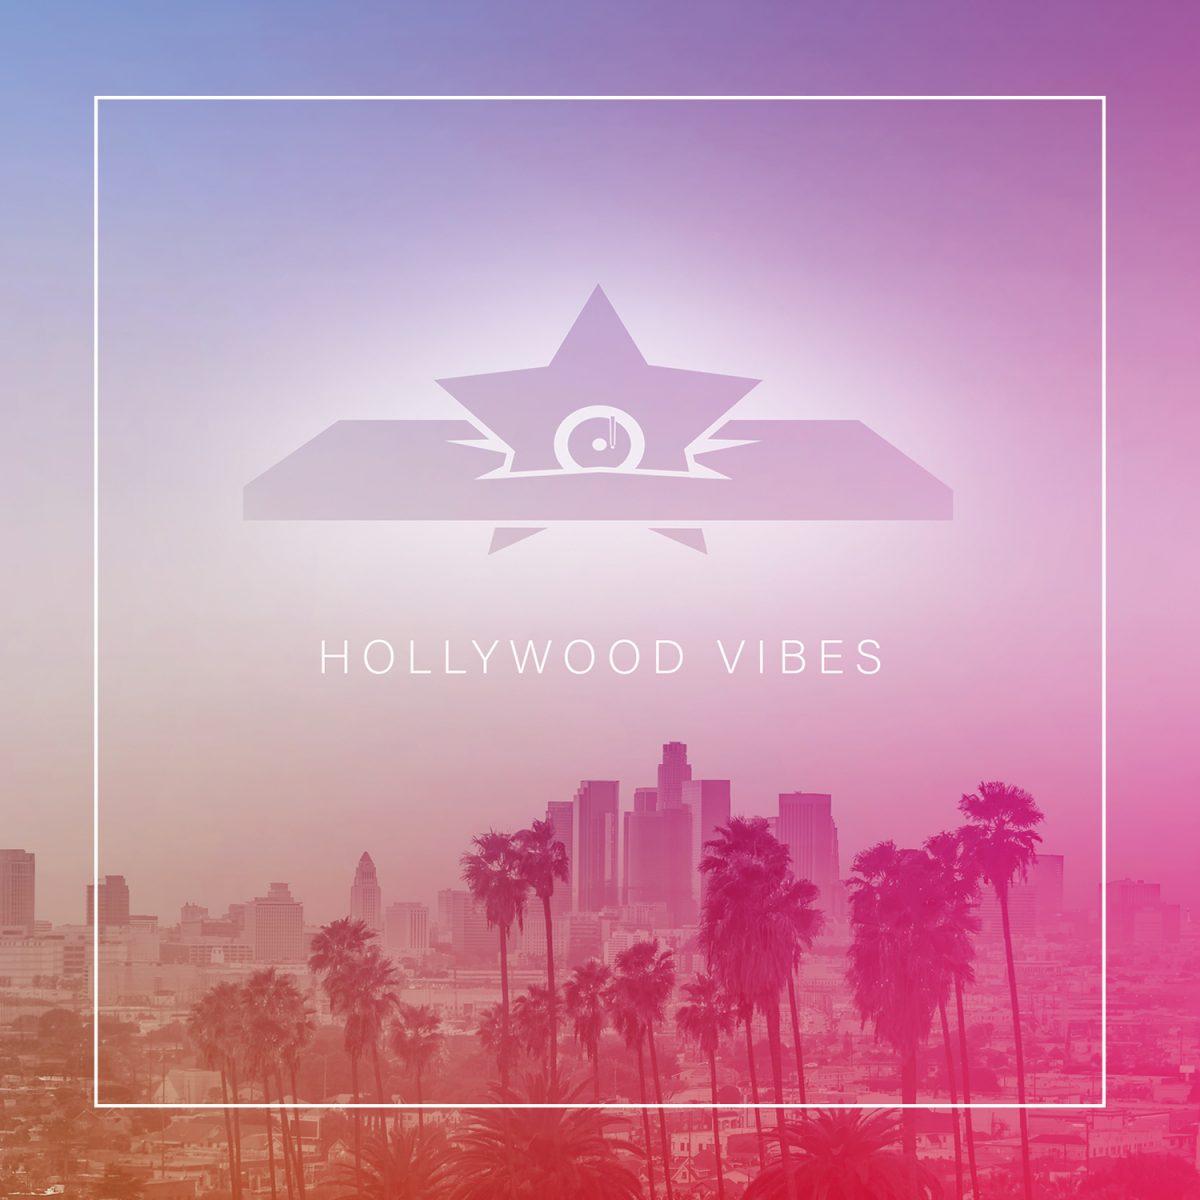 substation-hollywood-vibes-das-erbe-album-review